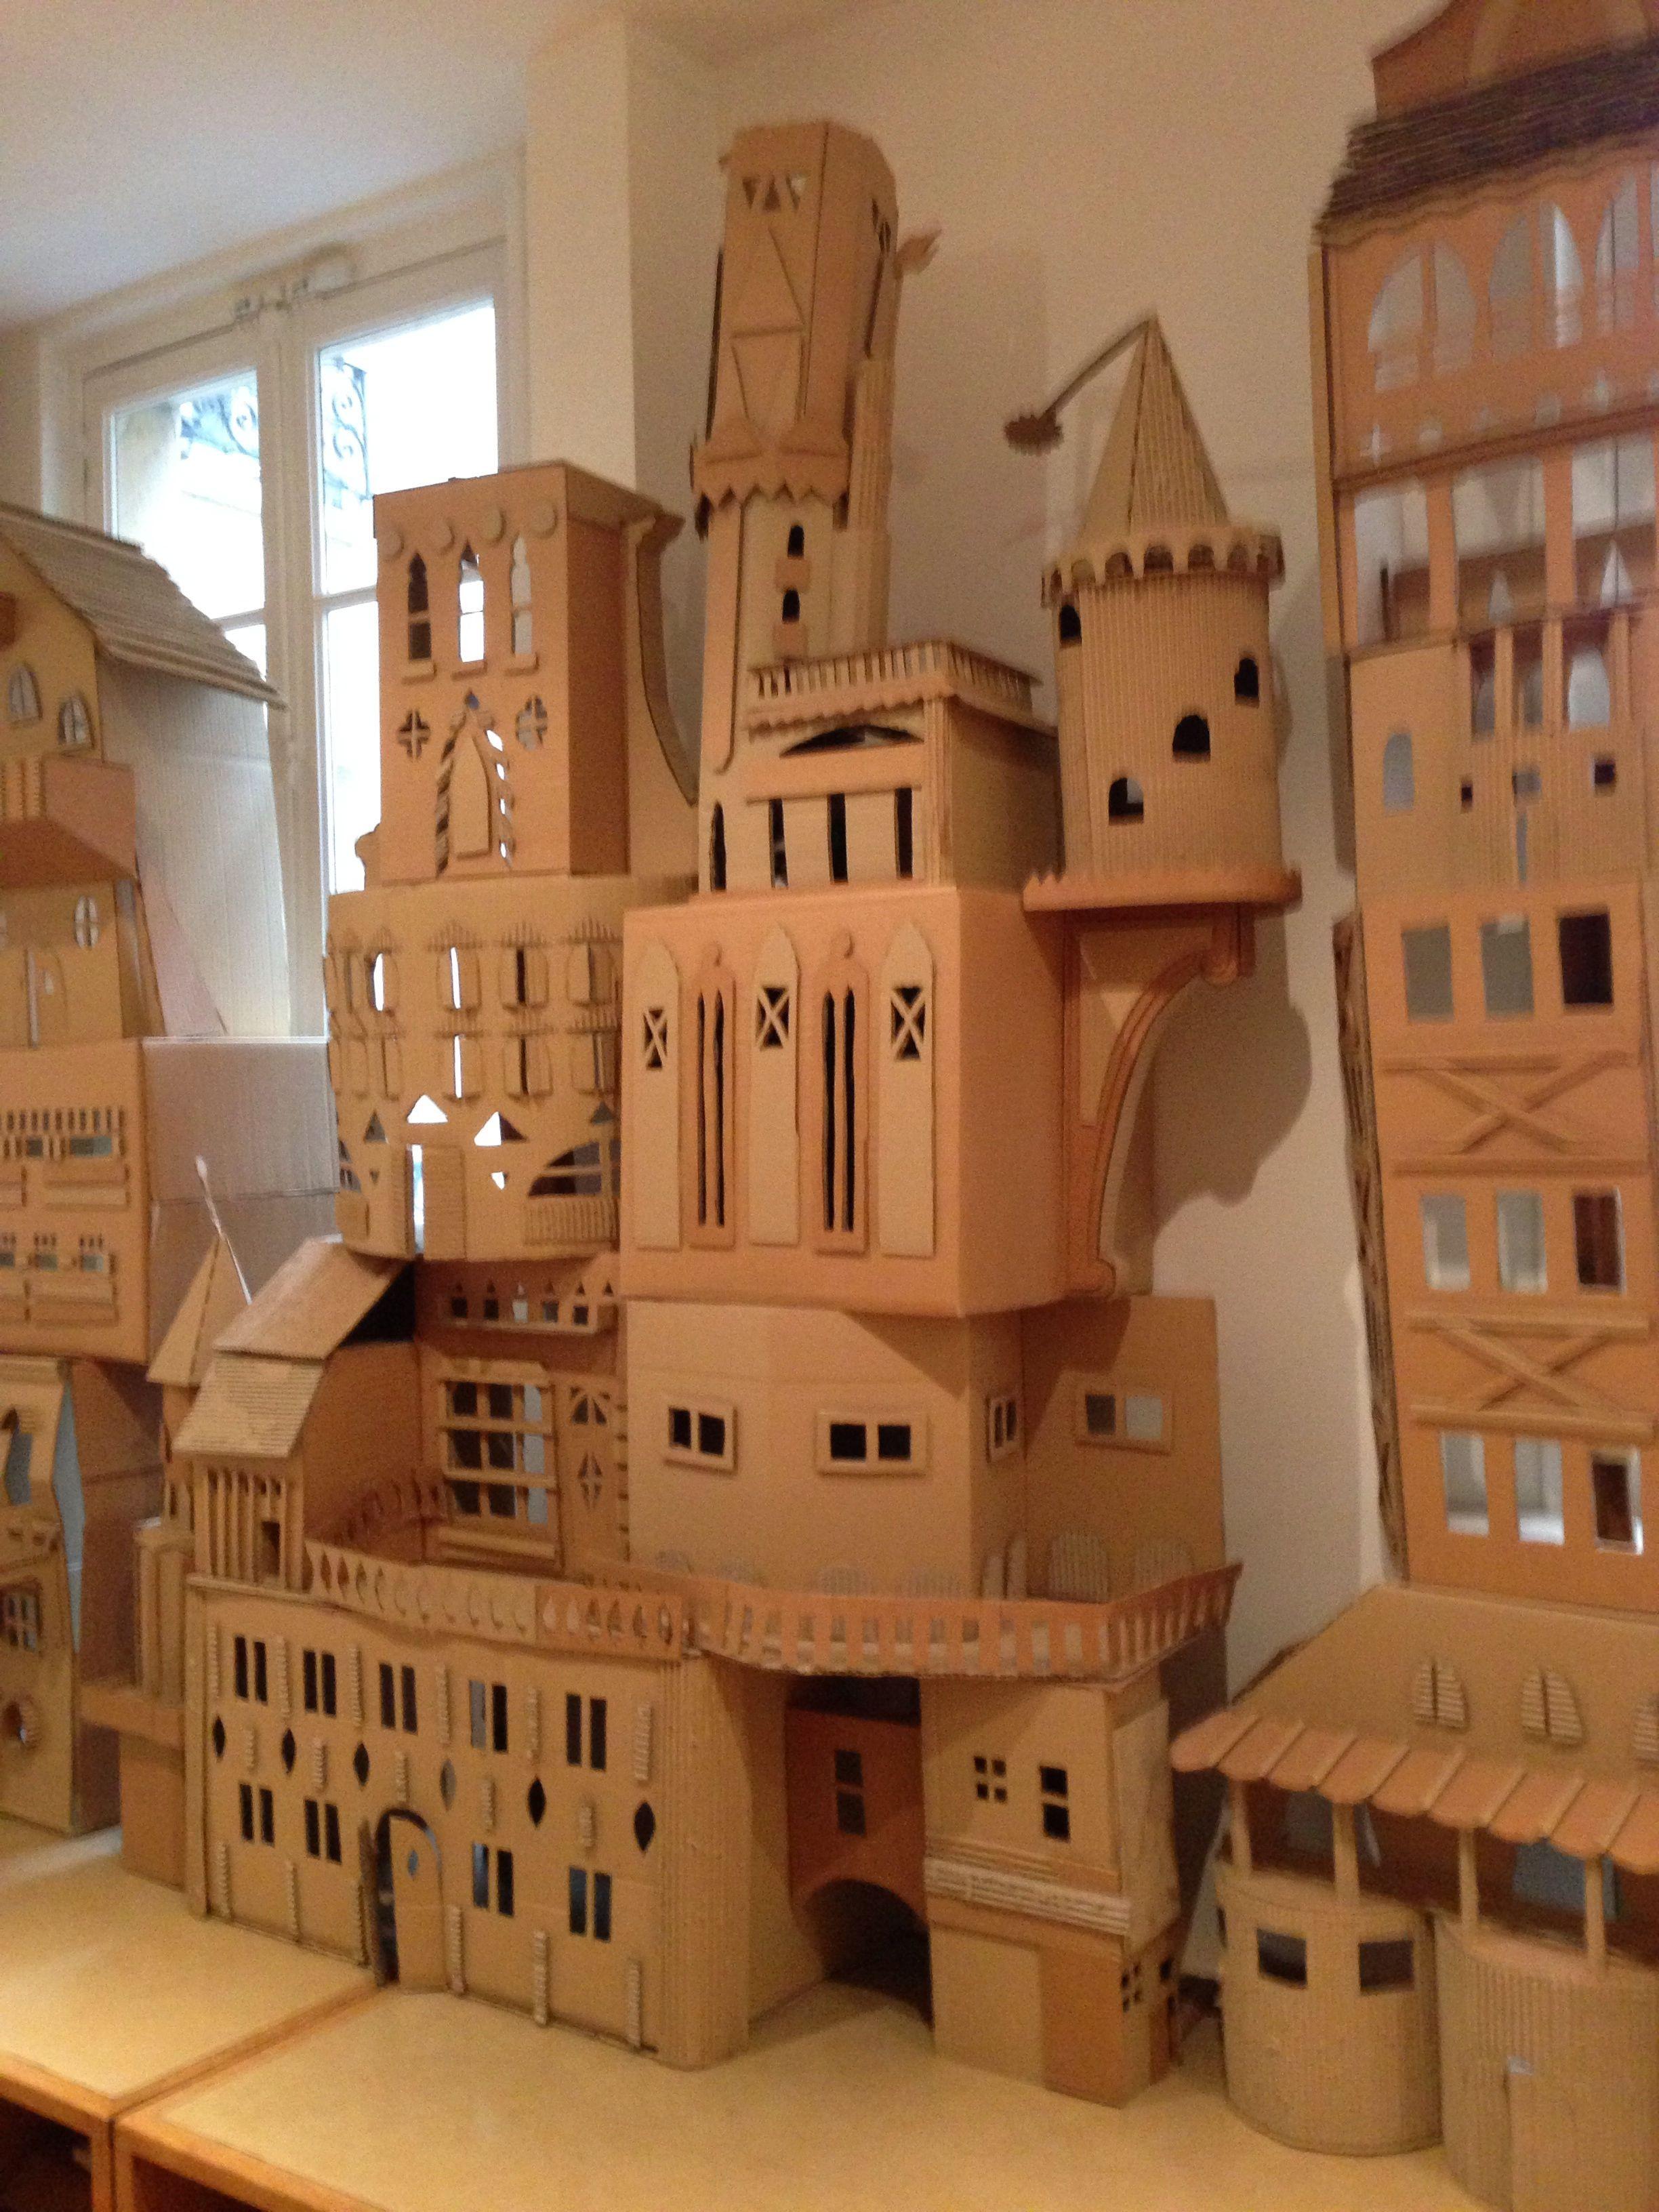 Castle Papercraft Cardboard Castle Paris ФайРы дРя вырезания Pinterest